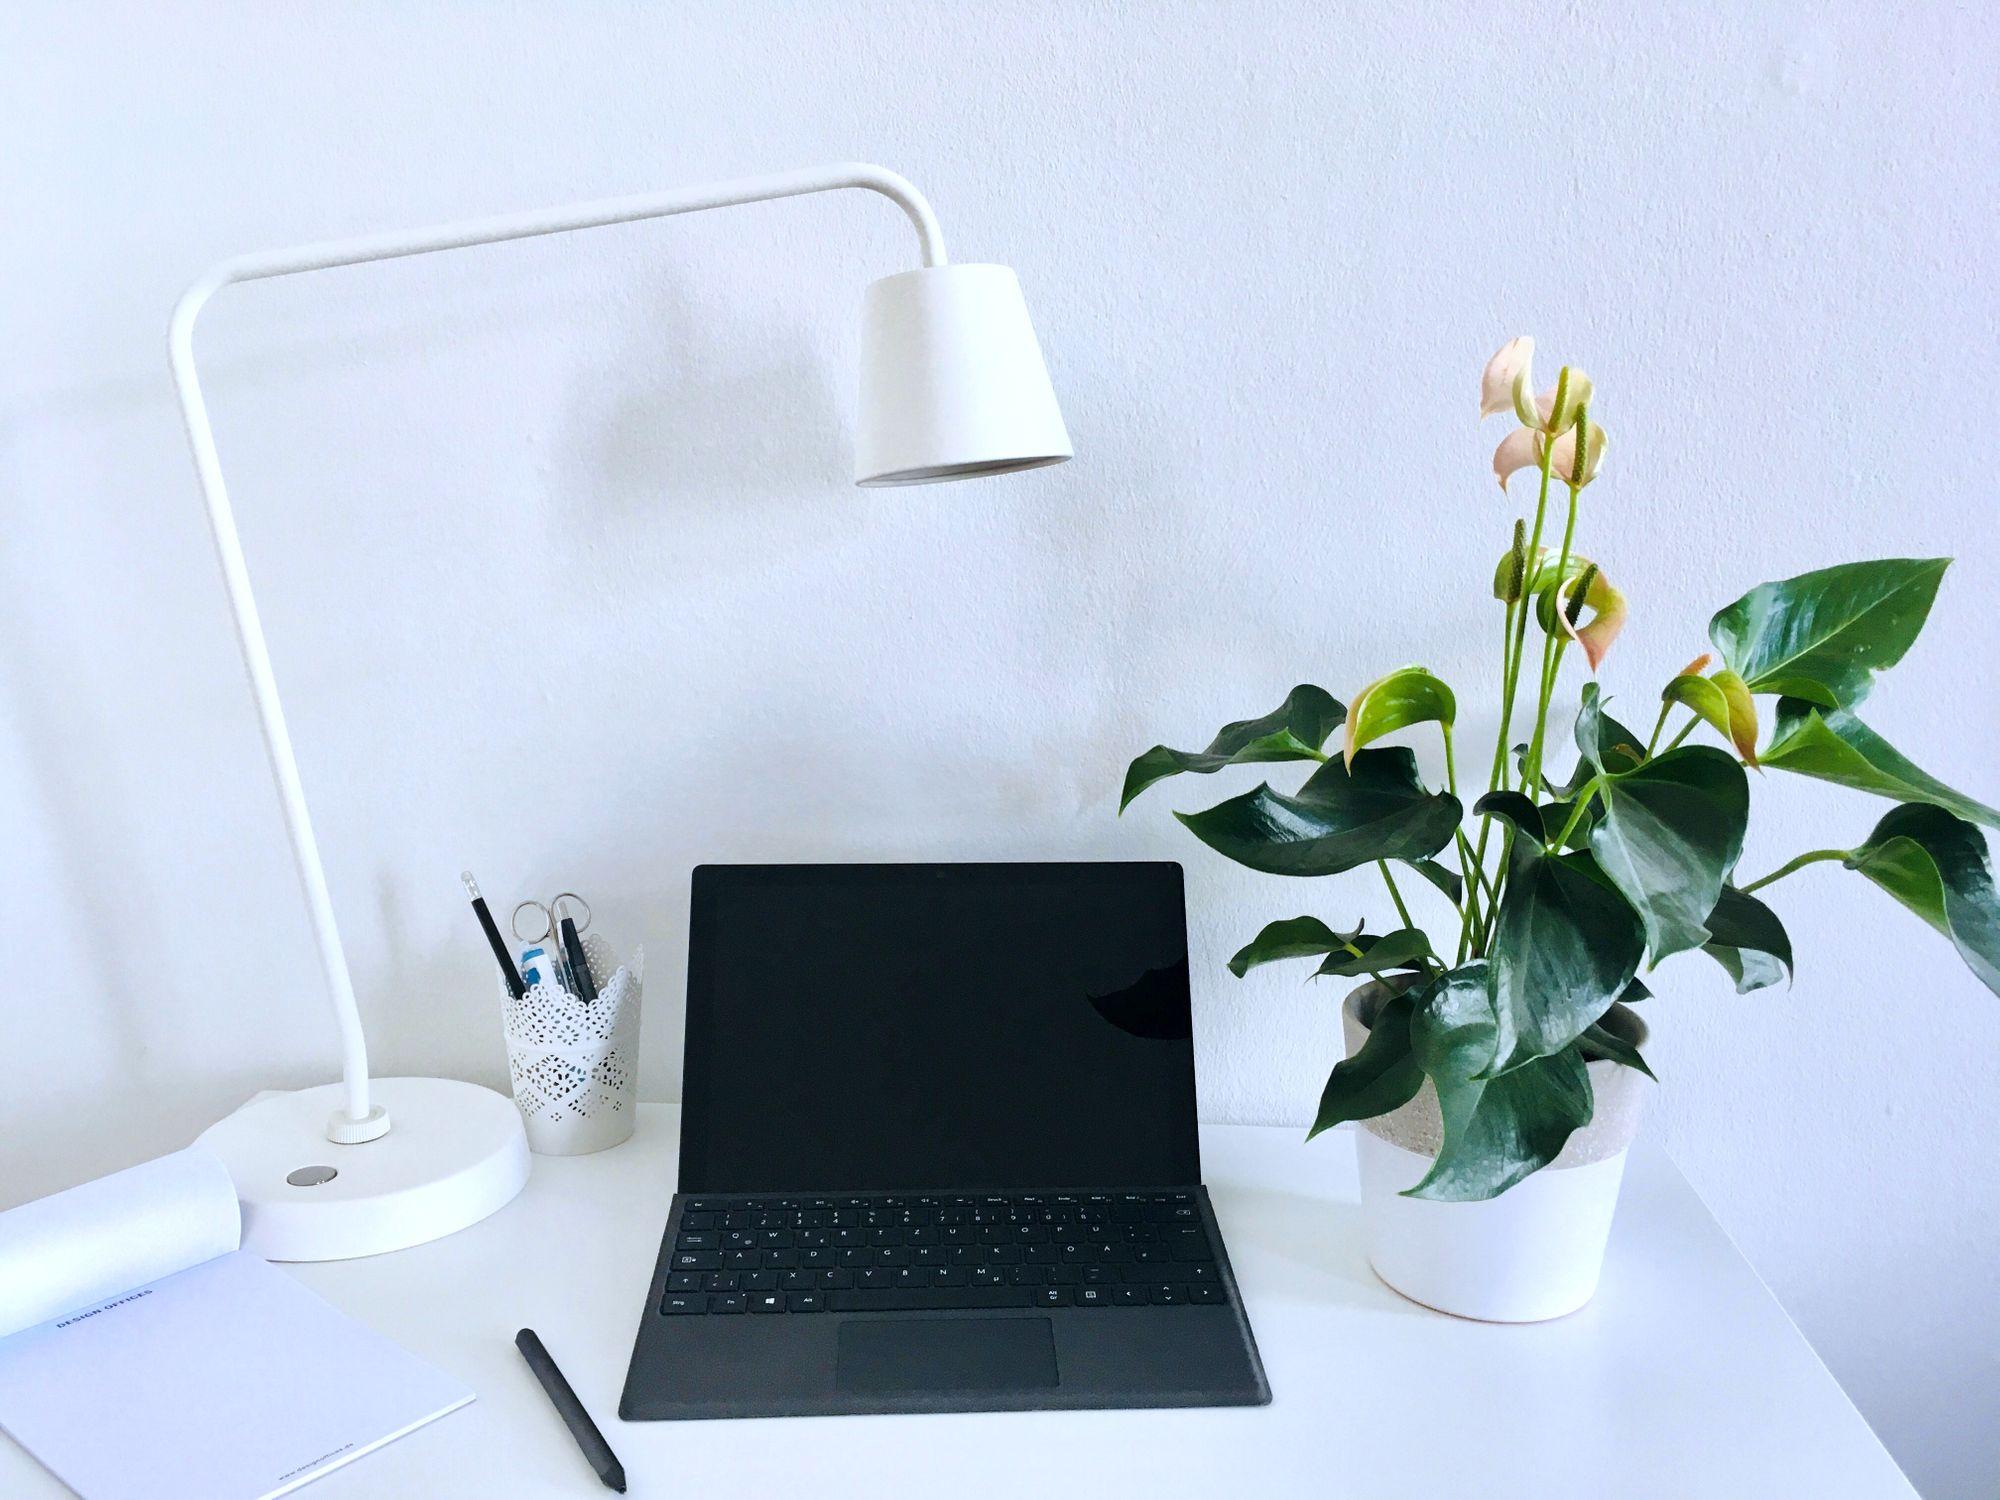 Das Surface Pro in Schwarz steht auf einem Schreibtisch zwischen einem Notizblock, einer Schreibtischlampe und einer Pflanze